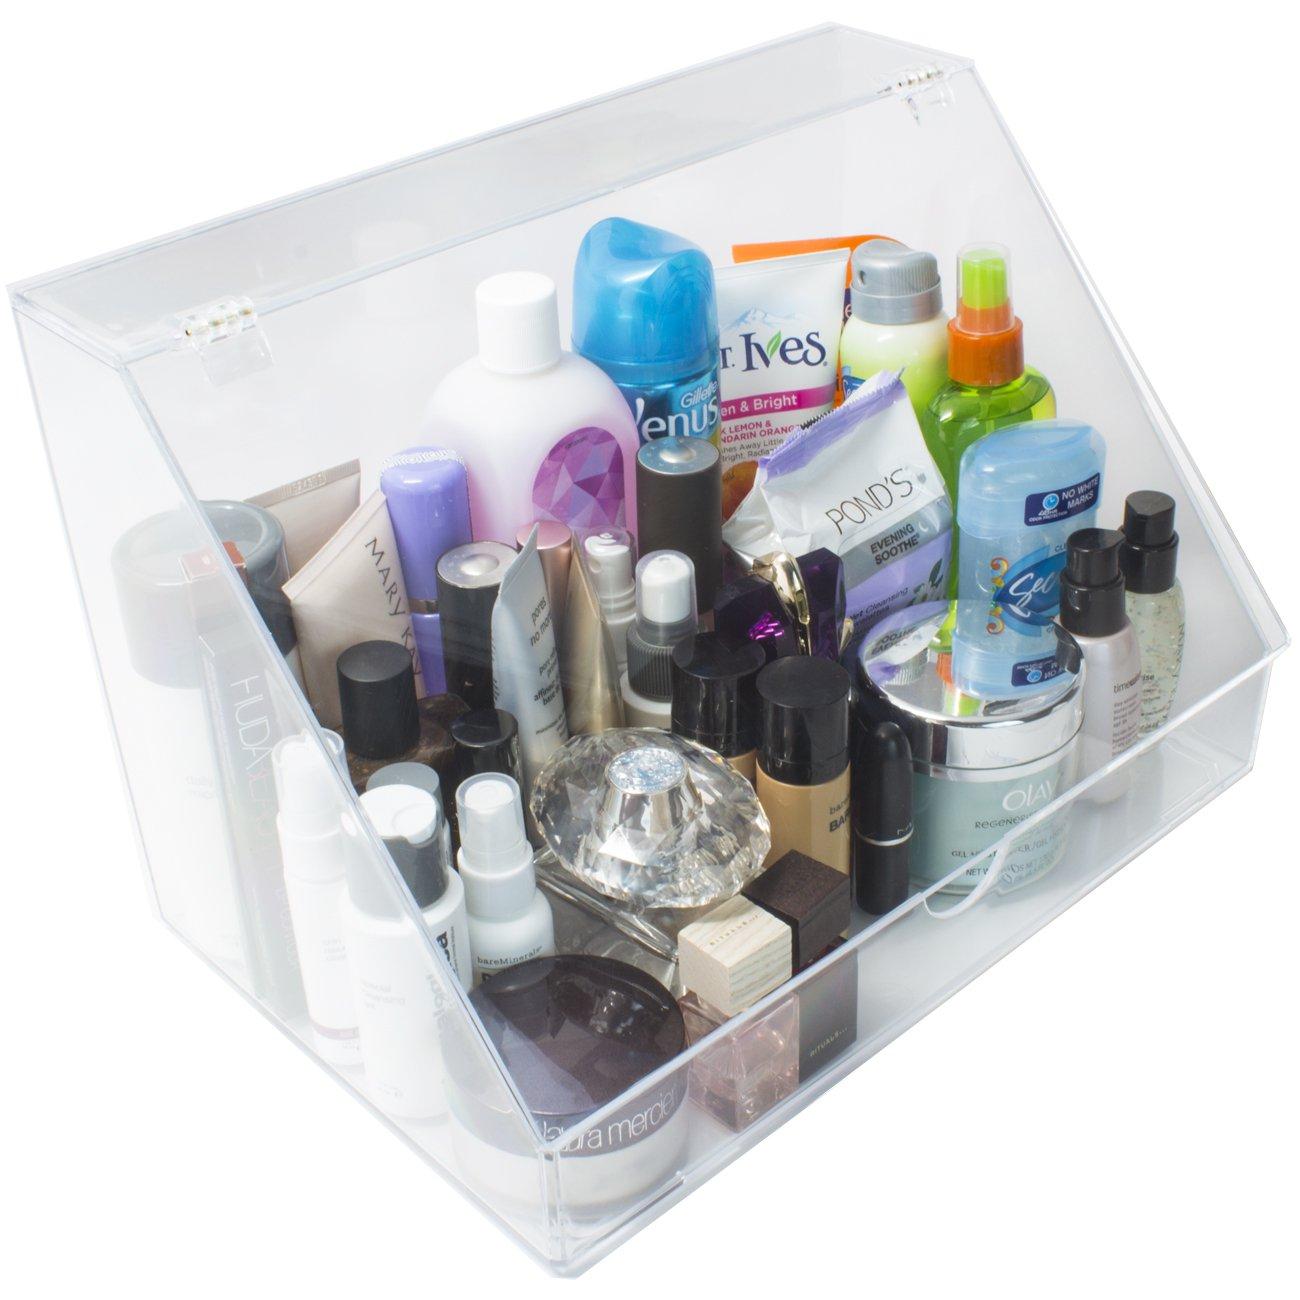 Sorbus - Organizador de almacenamiento y expositor acrílico para maquillaje y cosméticos, brochas, perfumes y productos para el cuidado de la piel, ...